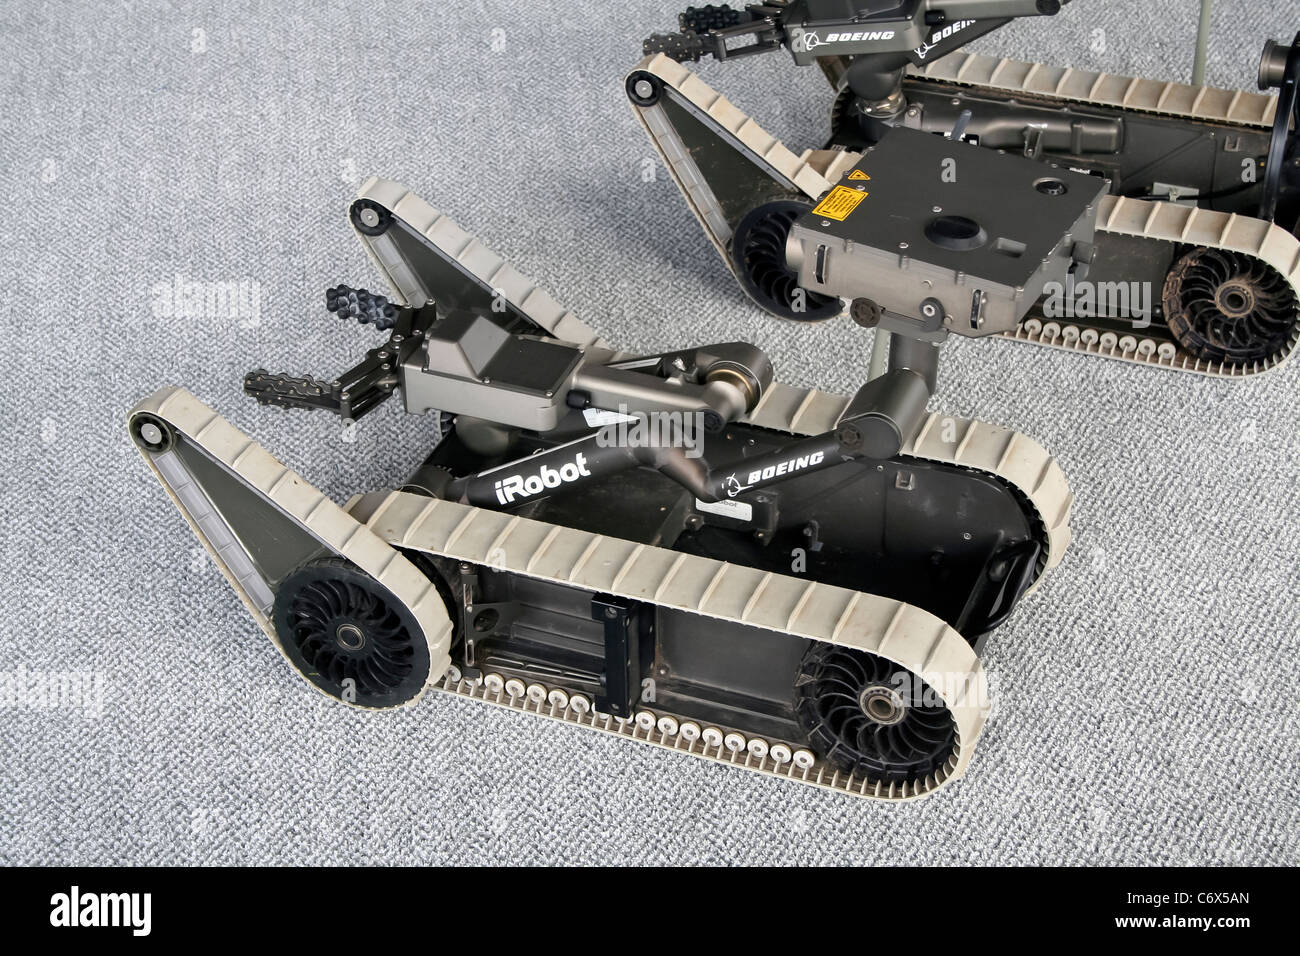 Boeing iRobot SUGV pequeños vehículos terrestres no tripulados en la Farnborough International Airshow Foto de stock